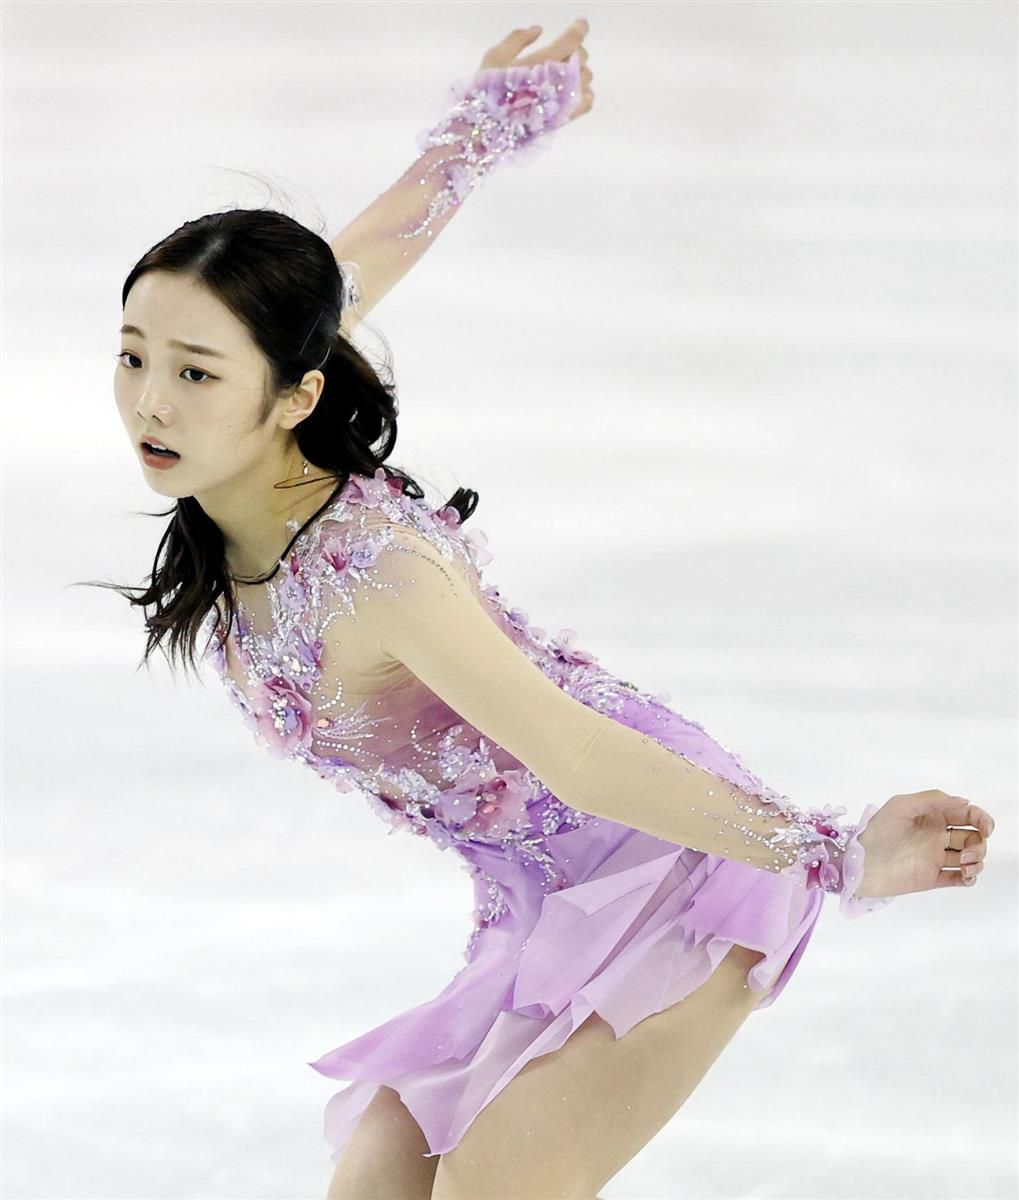 トラブルをはねのけ、女子で総合7位だった本田真凜のフリーの演技=DyDoアリーナ(代表撮影)